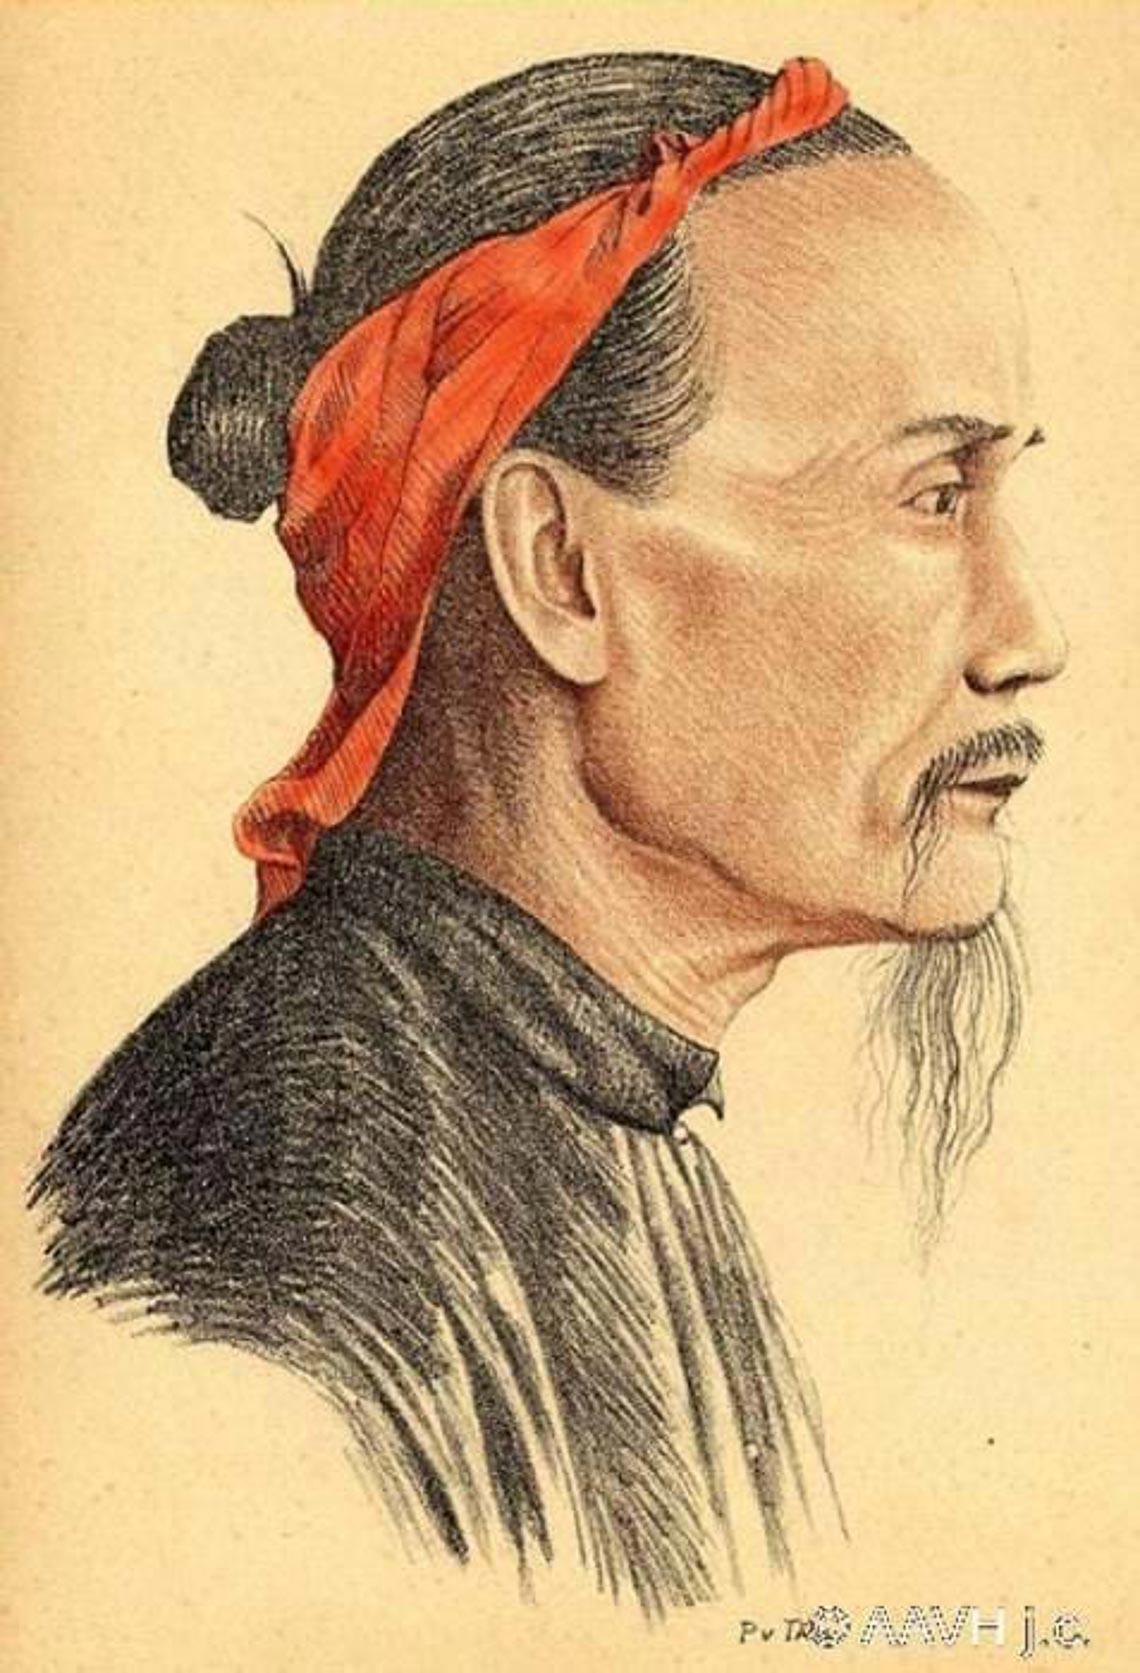 Những bức tranh ký sinh động về người Nam Bộ xưa - 18